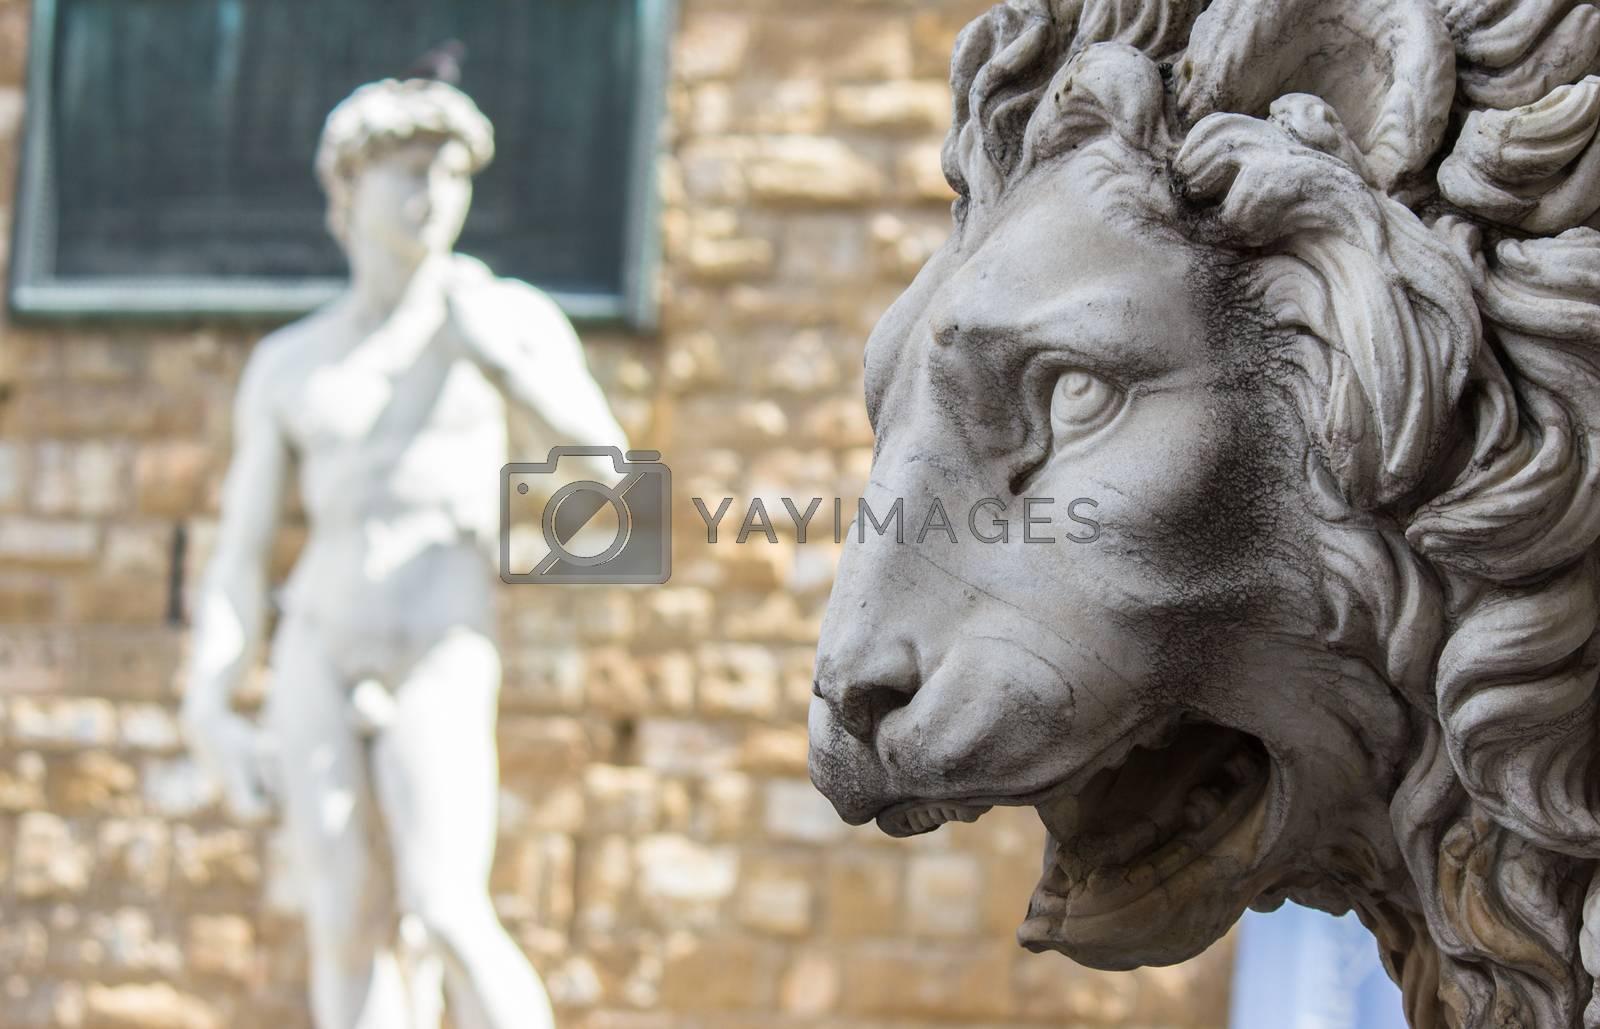 Lion statue stands at the entrance of the Loggia dei Lanzi in Piazza della Signoria in Florence